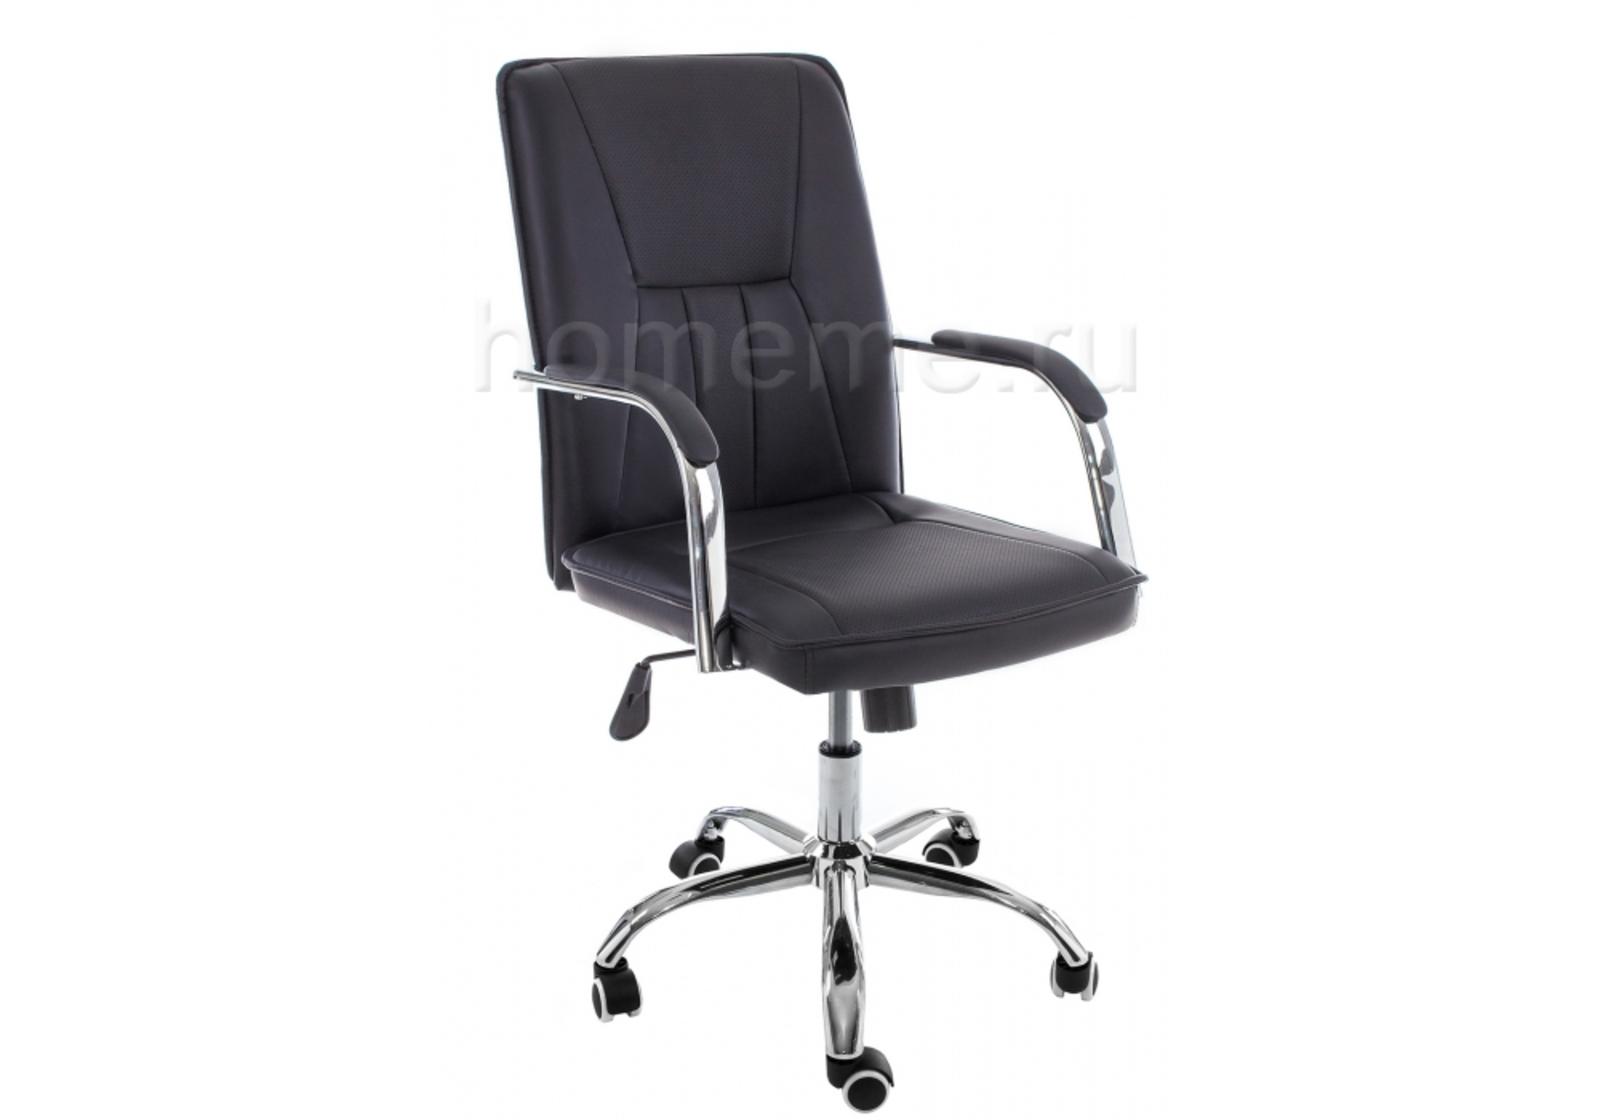 Кресло для офиса HomeMe Компьютерное кресло Nadir черное 11061 от Homeme.ru